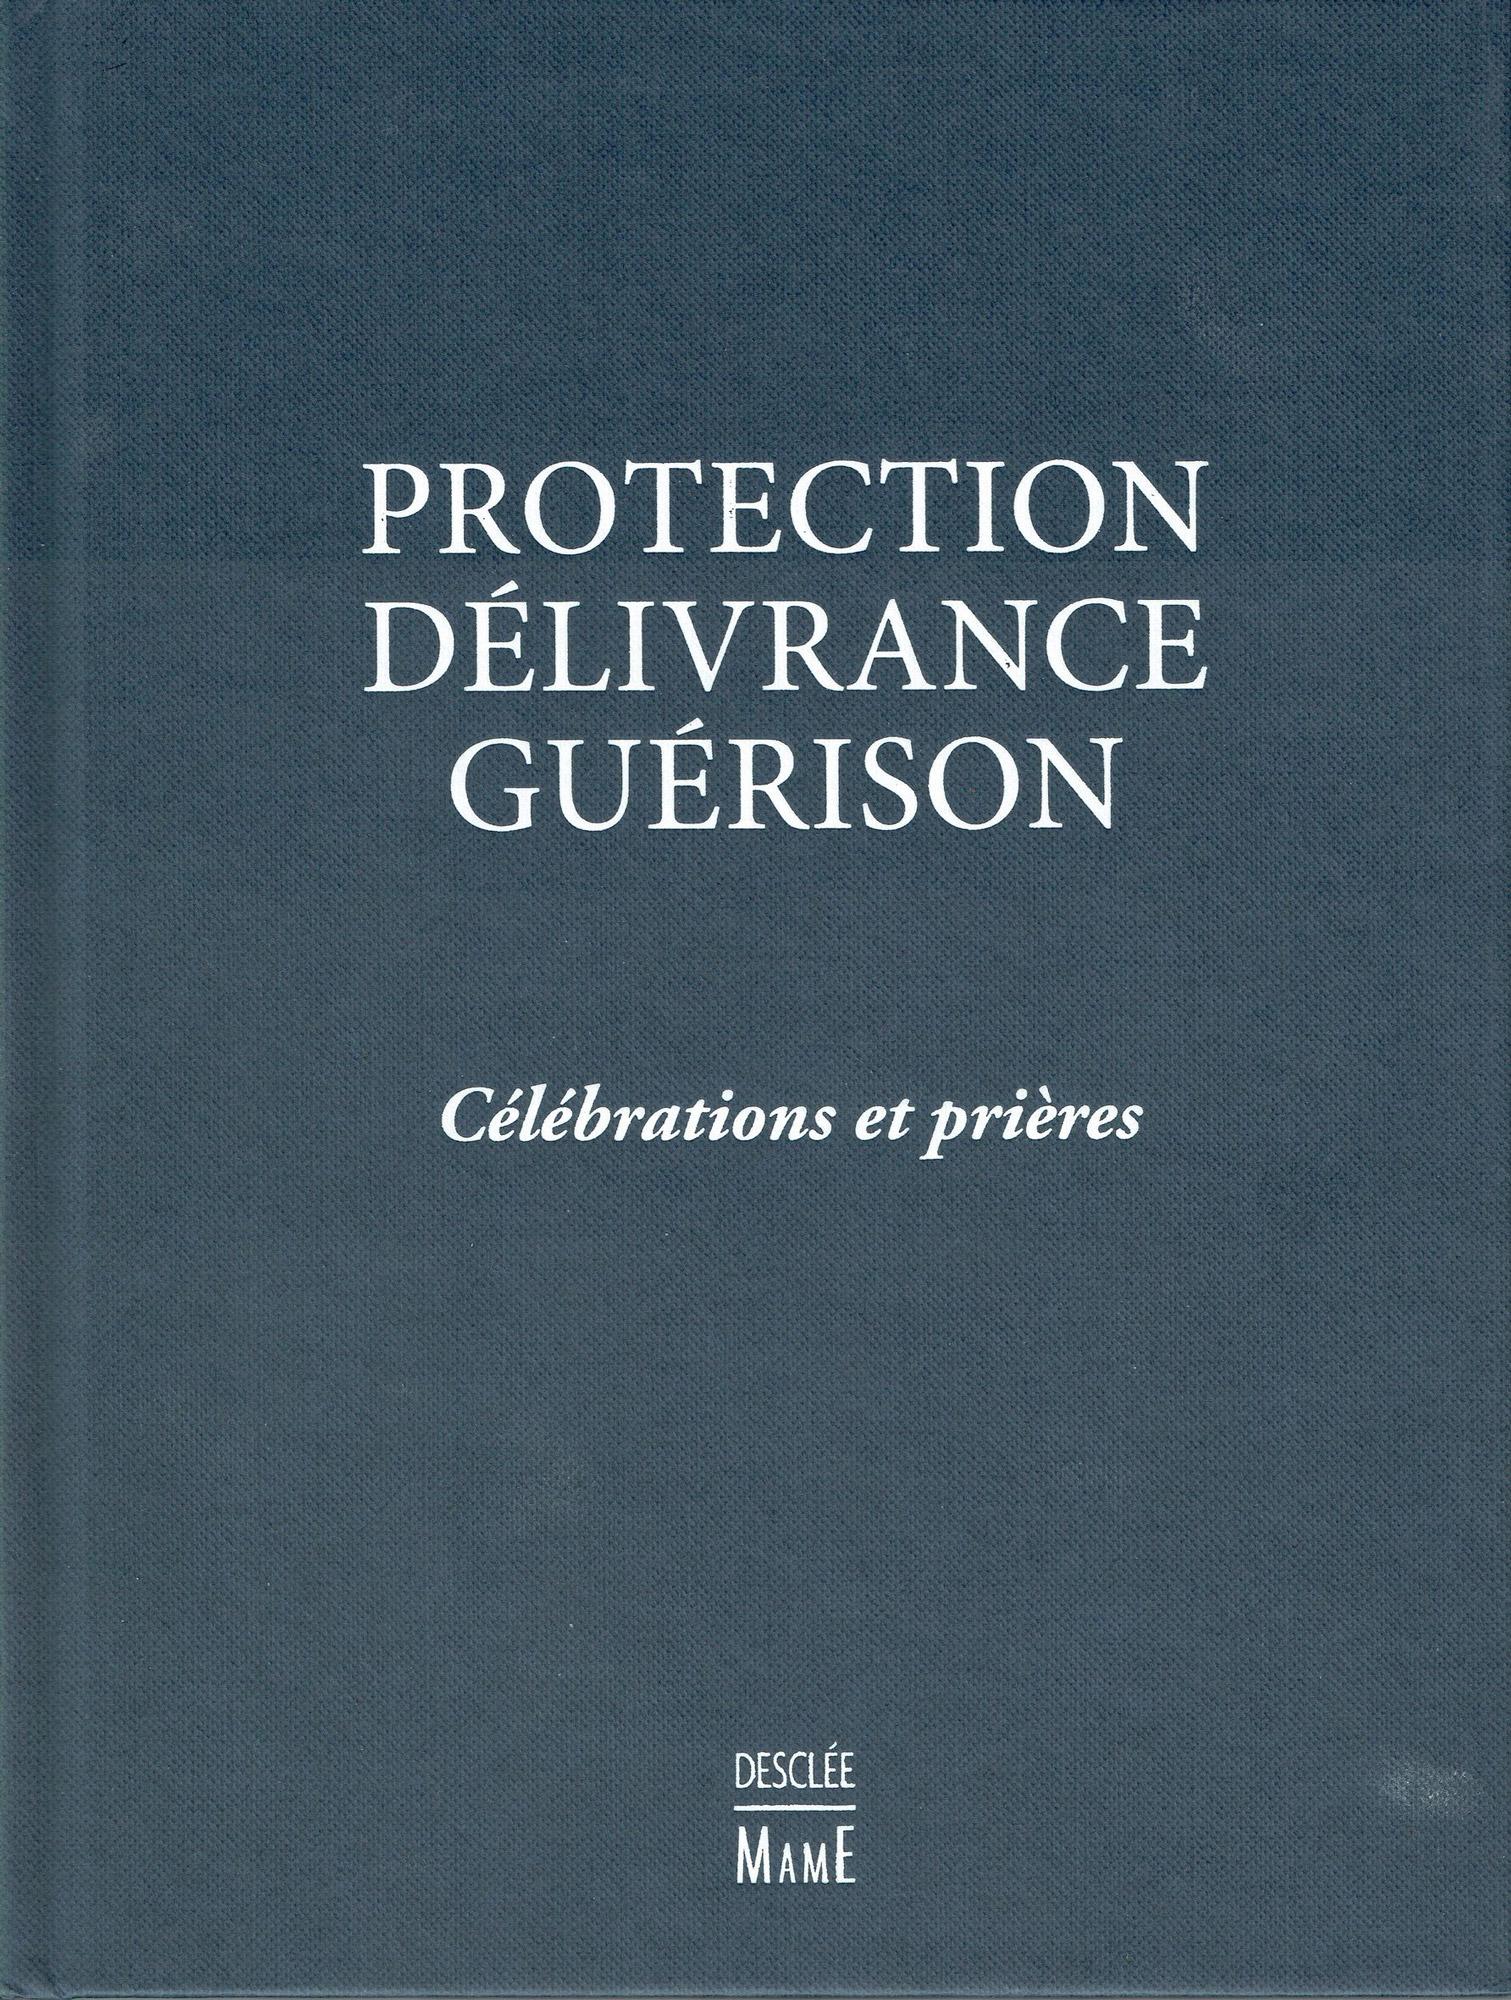 Protection, délivrance, guérison, une formation ouverte à tous – le 19 mars 2019 à Bazougers (57)